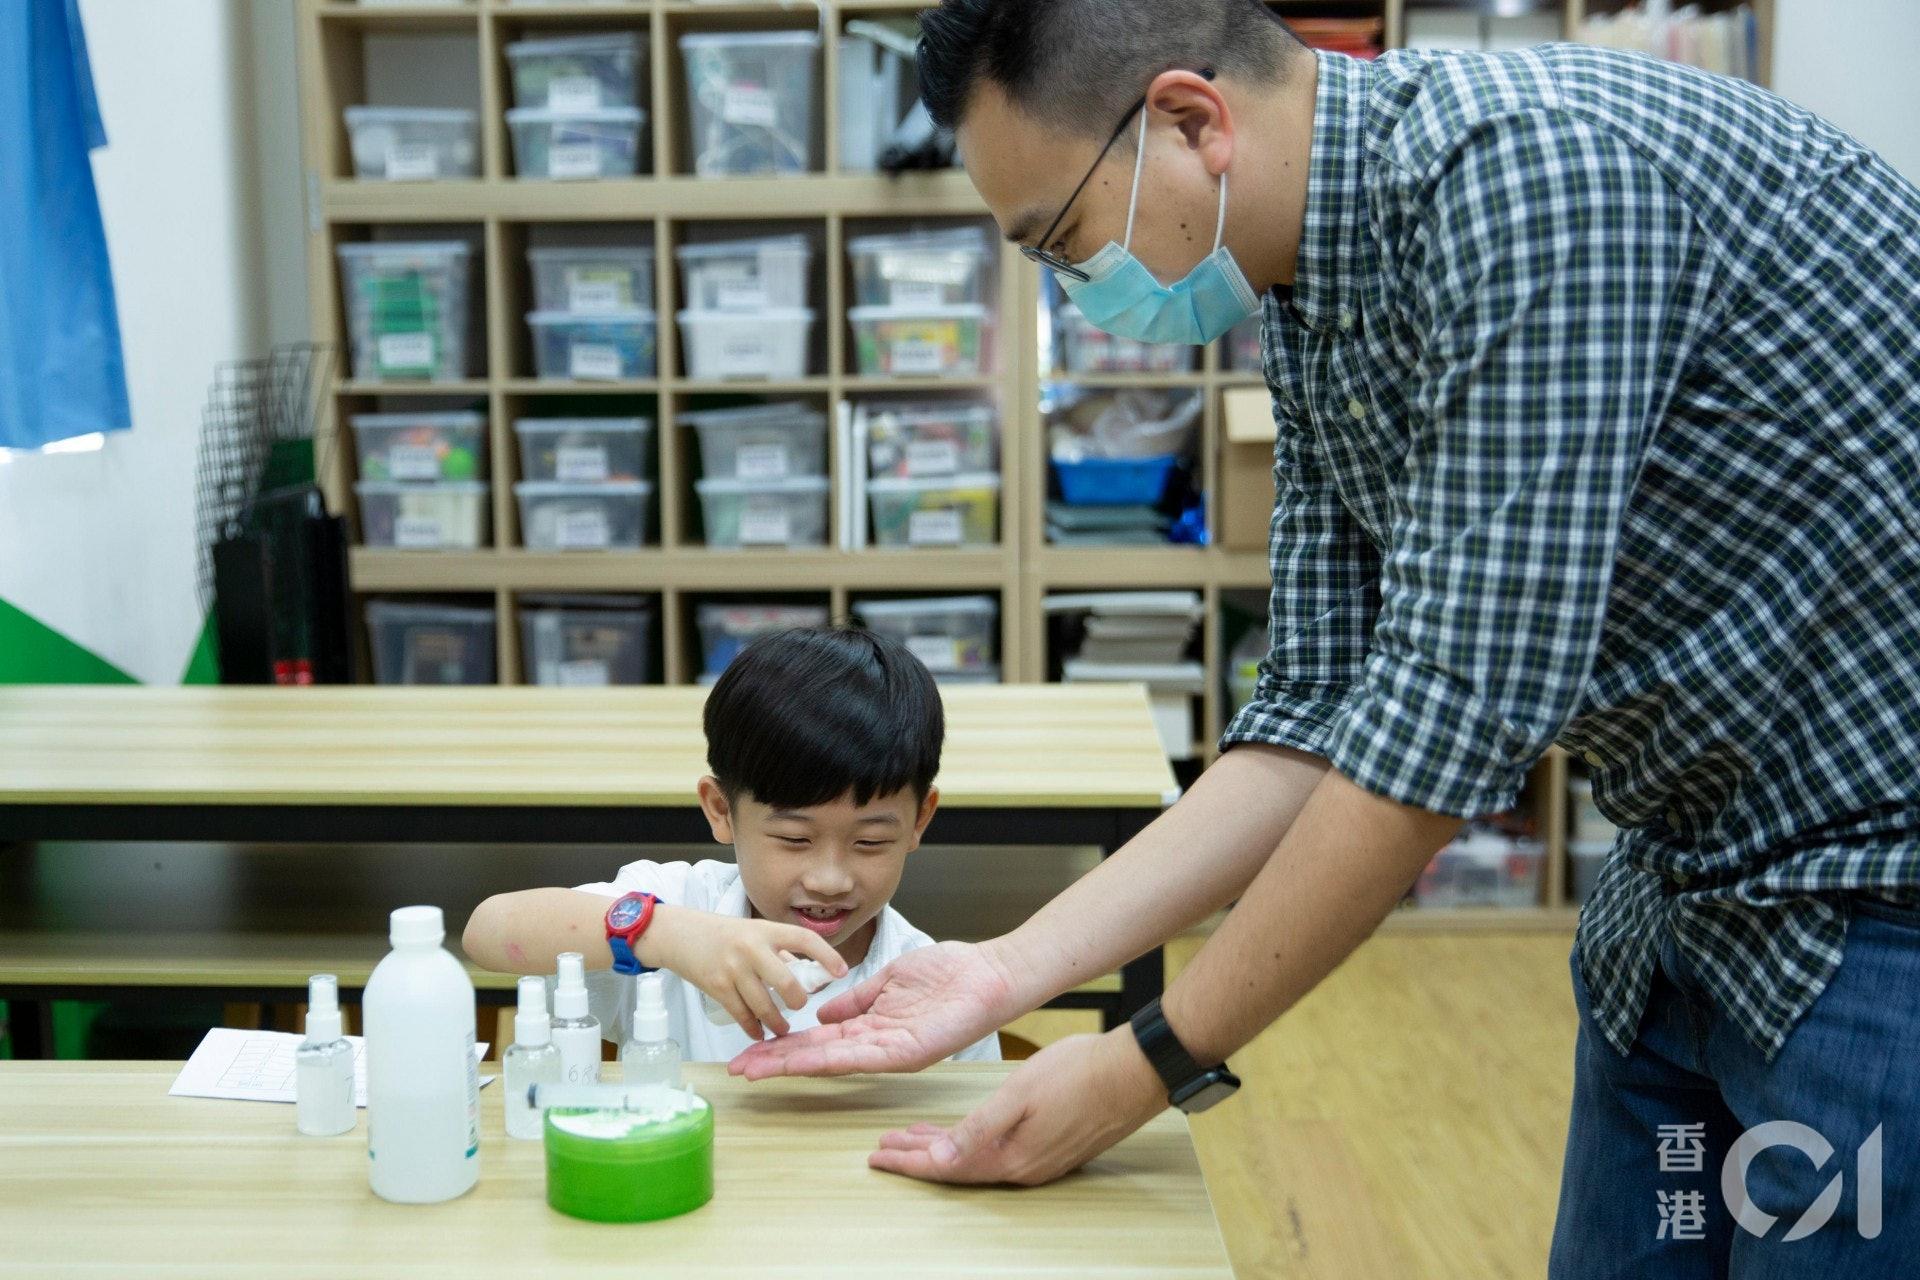 小一生佑男期望在復課後能與同學分享心得,兼製作搓手液送給有需要同學。(龔嘉盛攝)